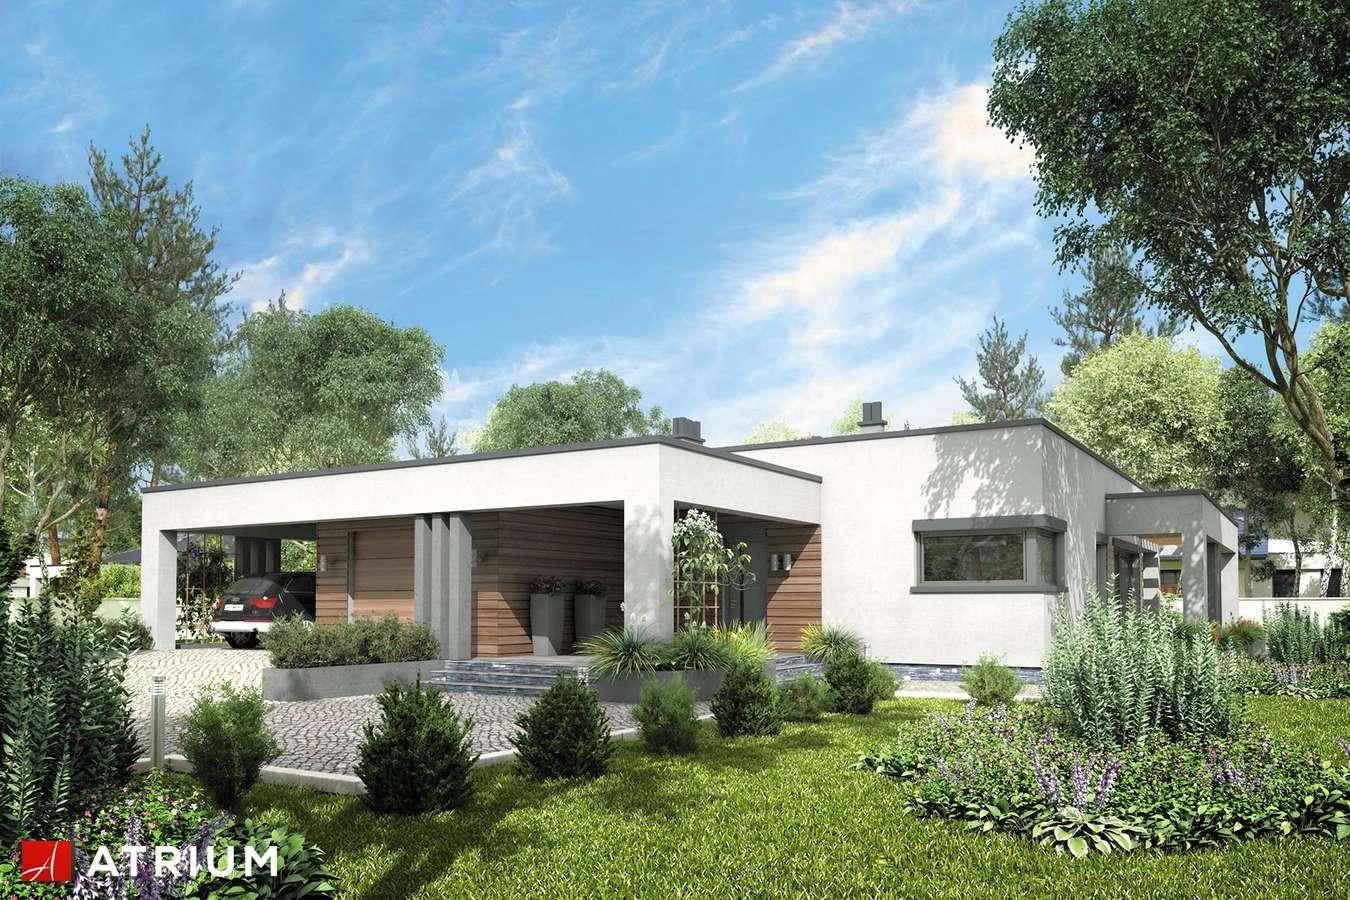 Projekty domów - Projekt domu parterowego SARDYNIA VI - wizualizacja 1 - wersja lustrzana